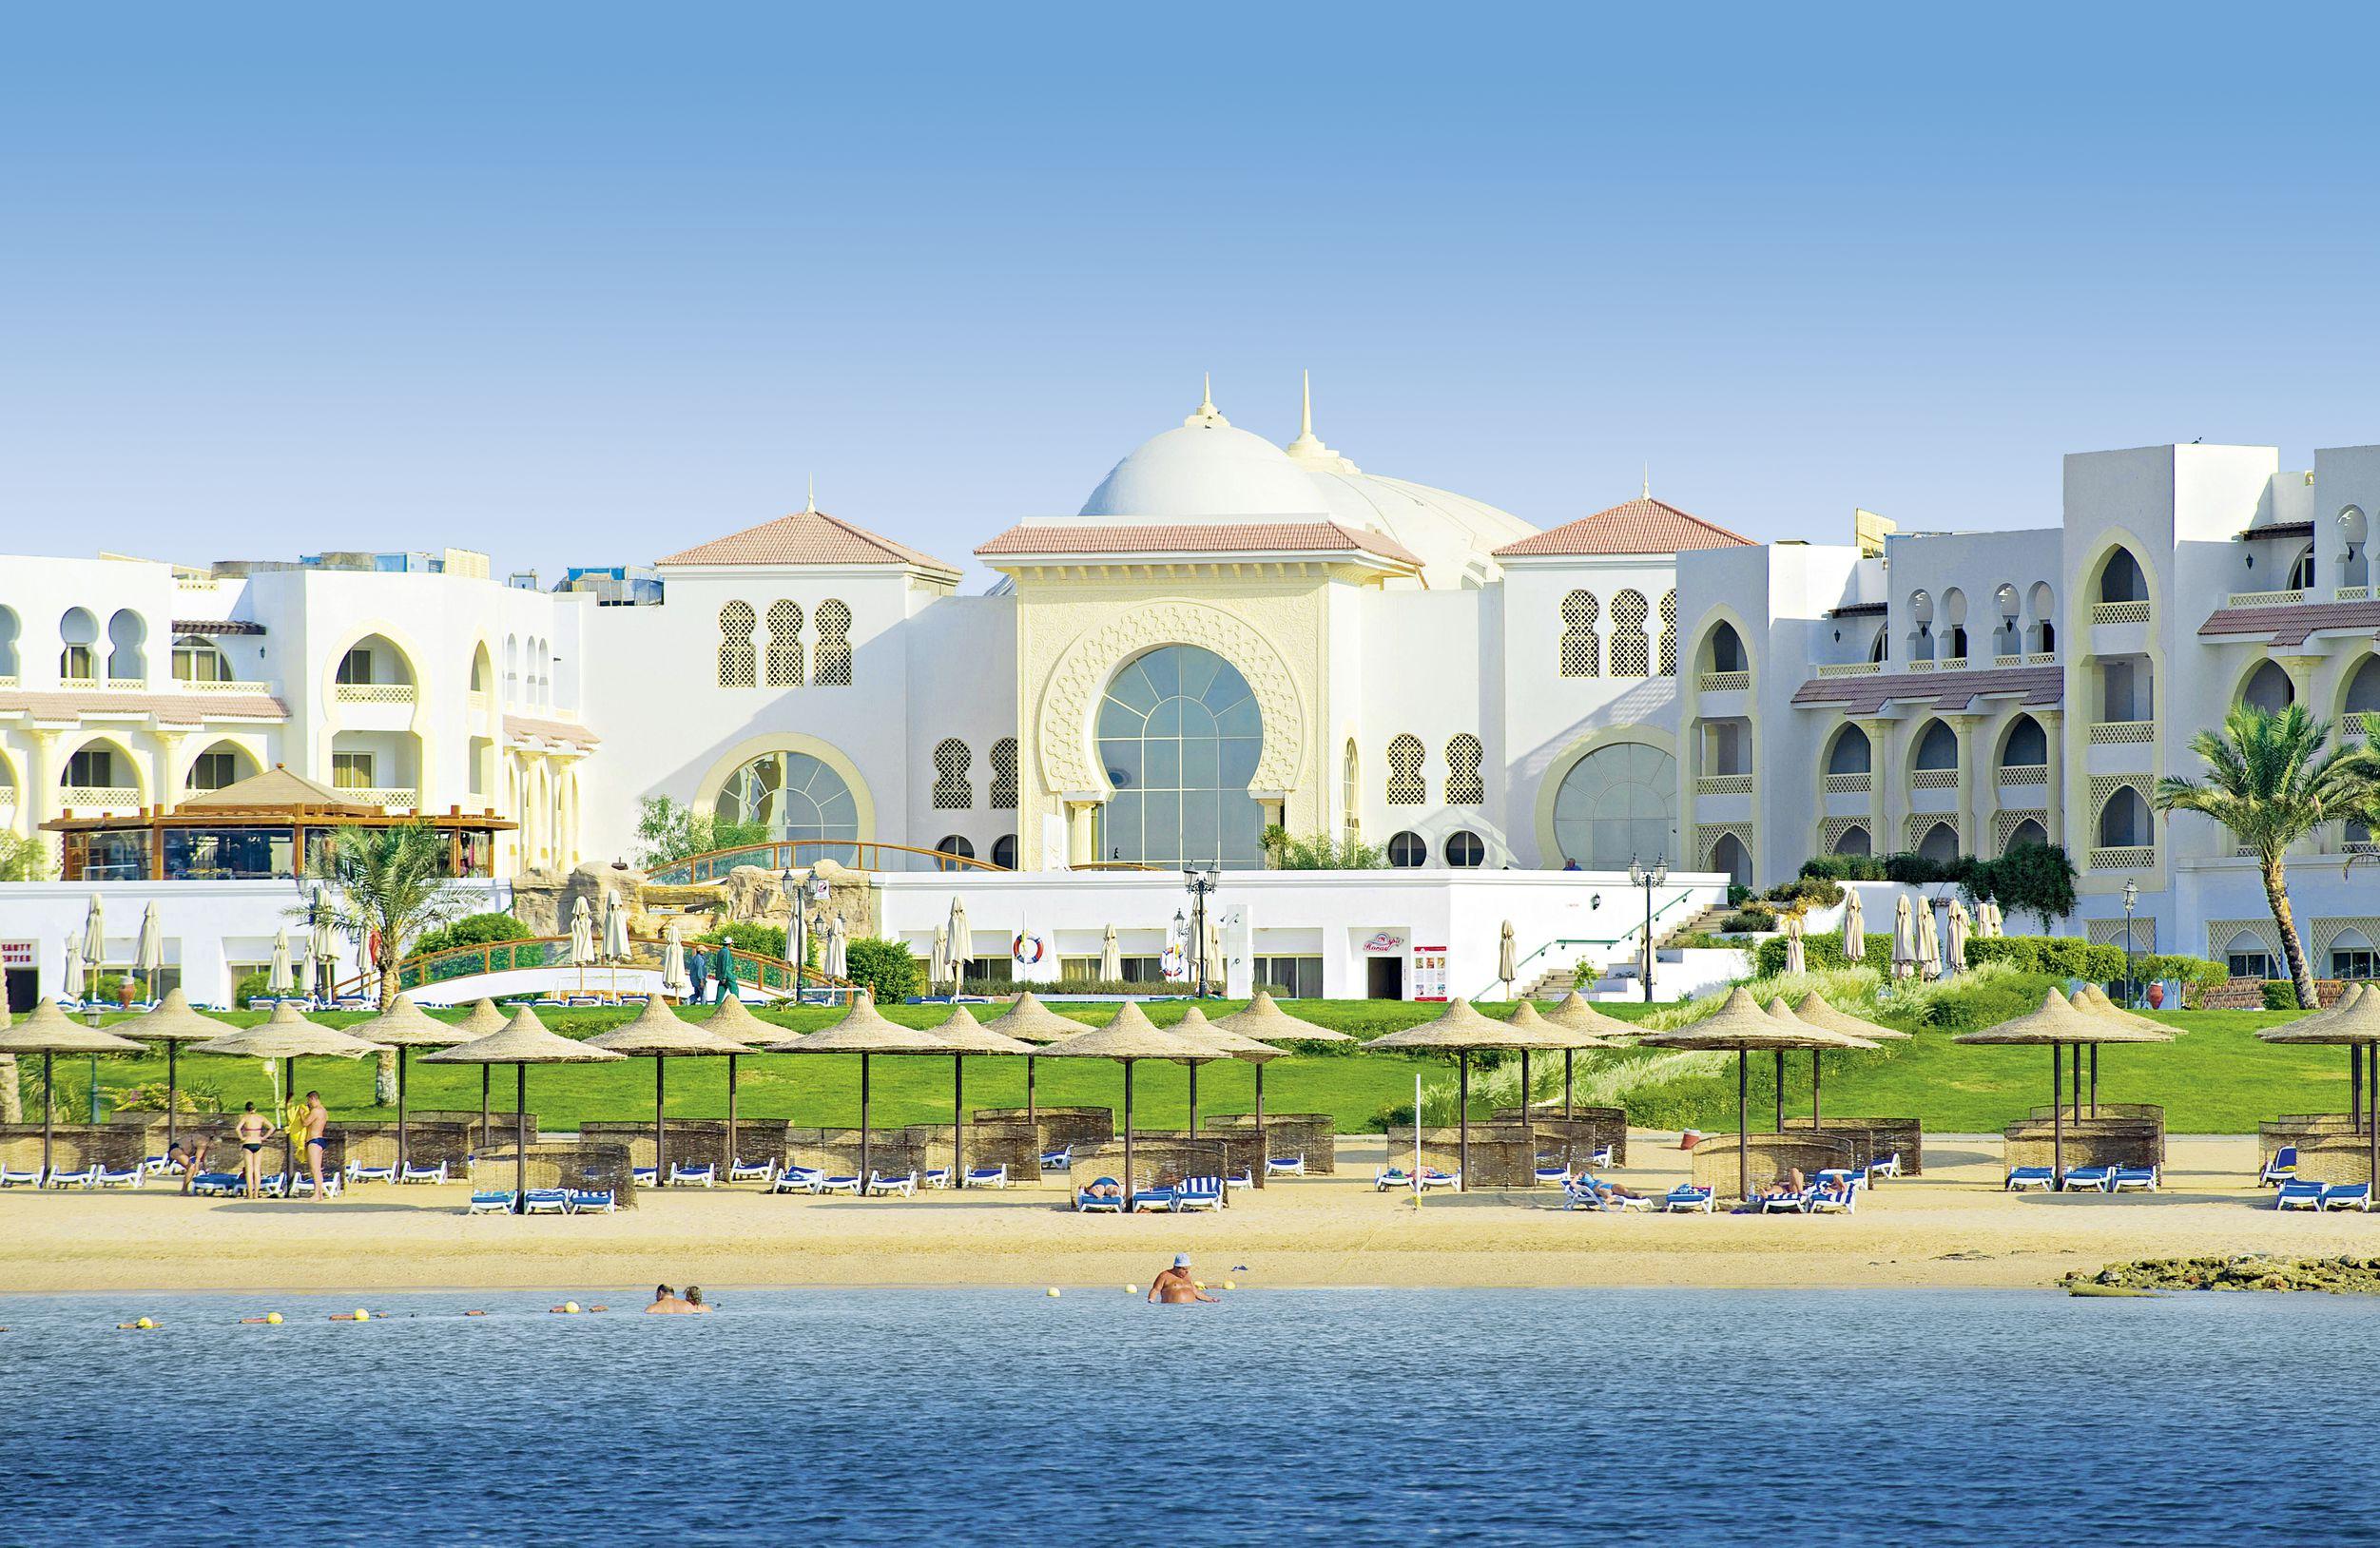 Premiumschiff & Gravity Hotel Sahl Hasheesh